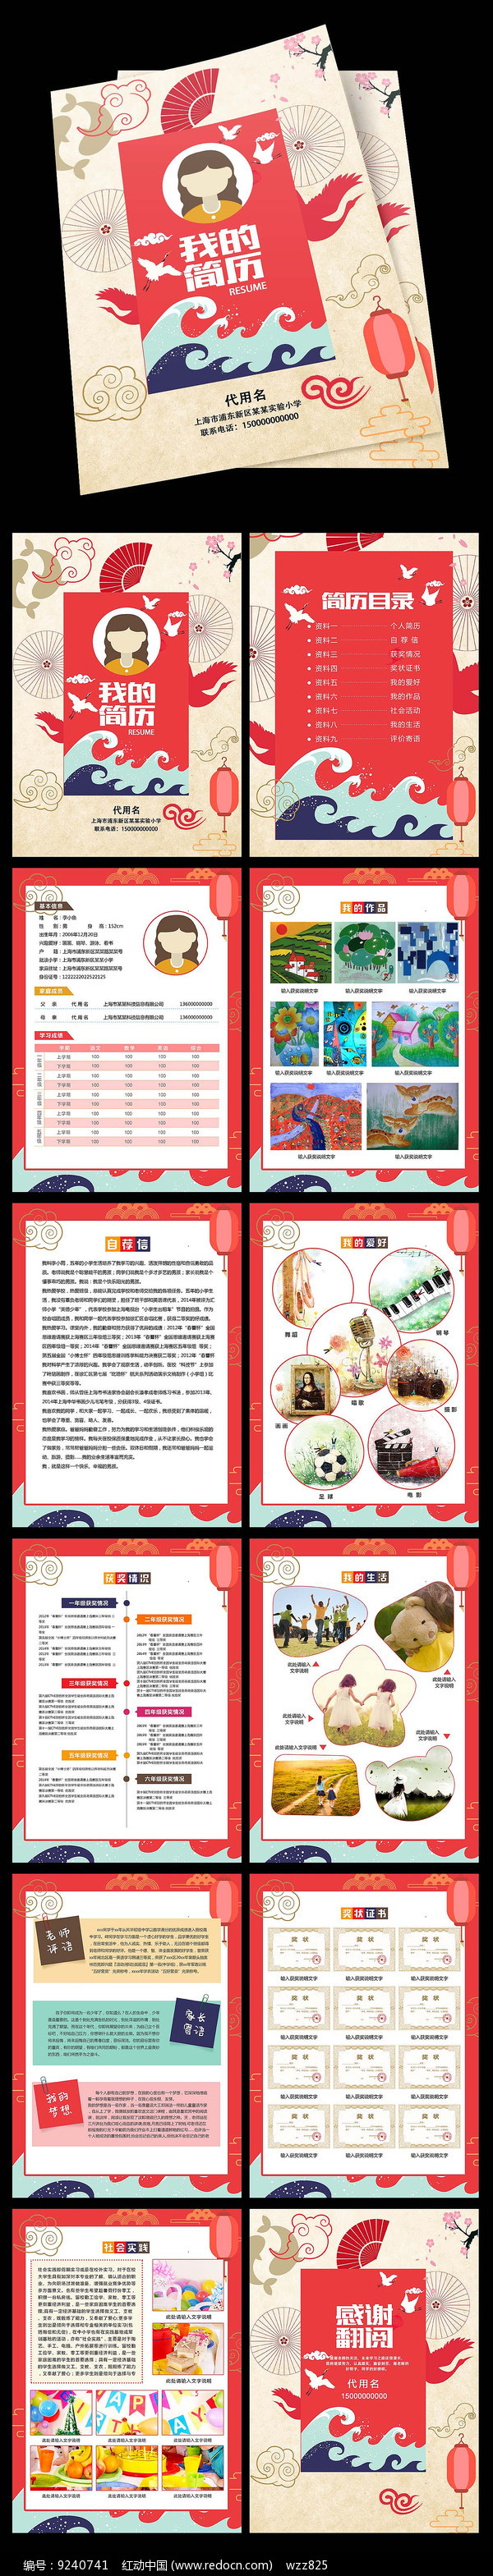 中国风个人简历设计模板